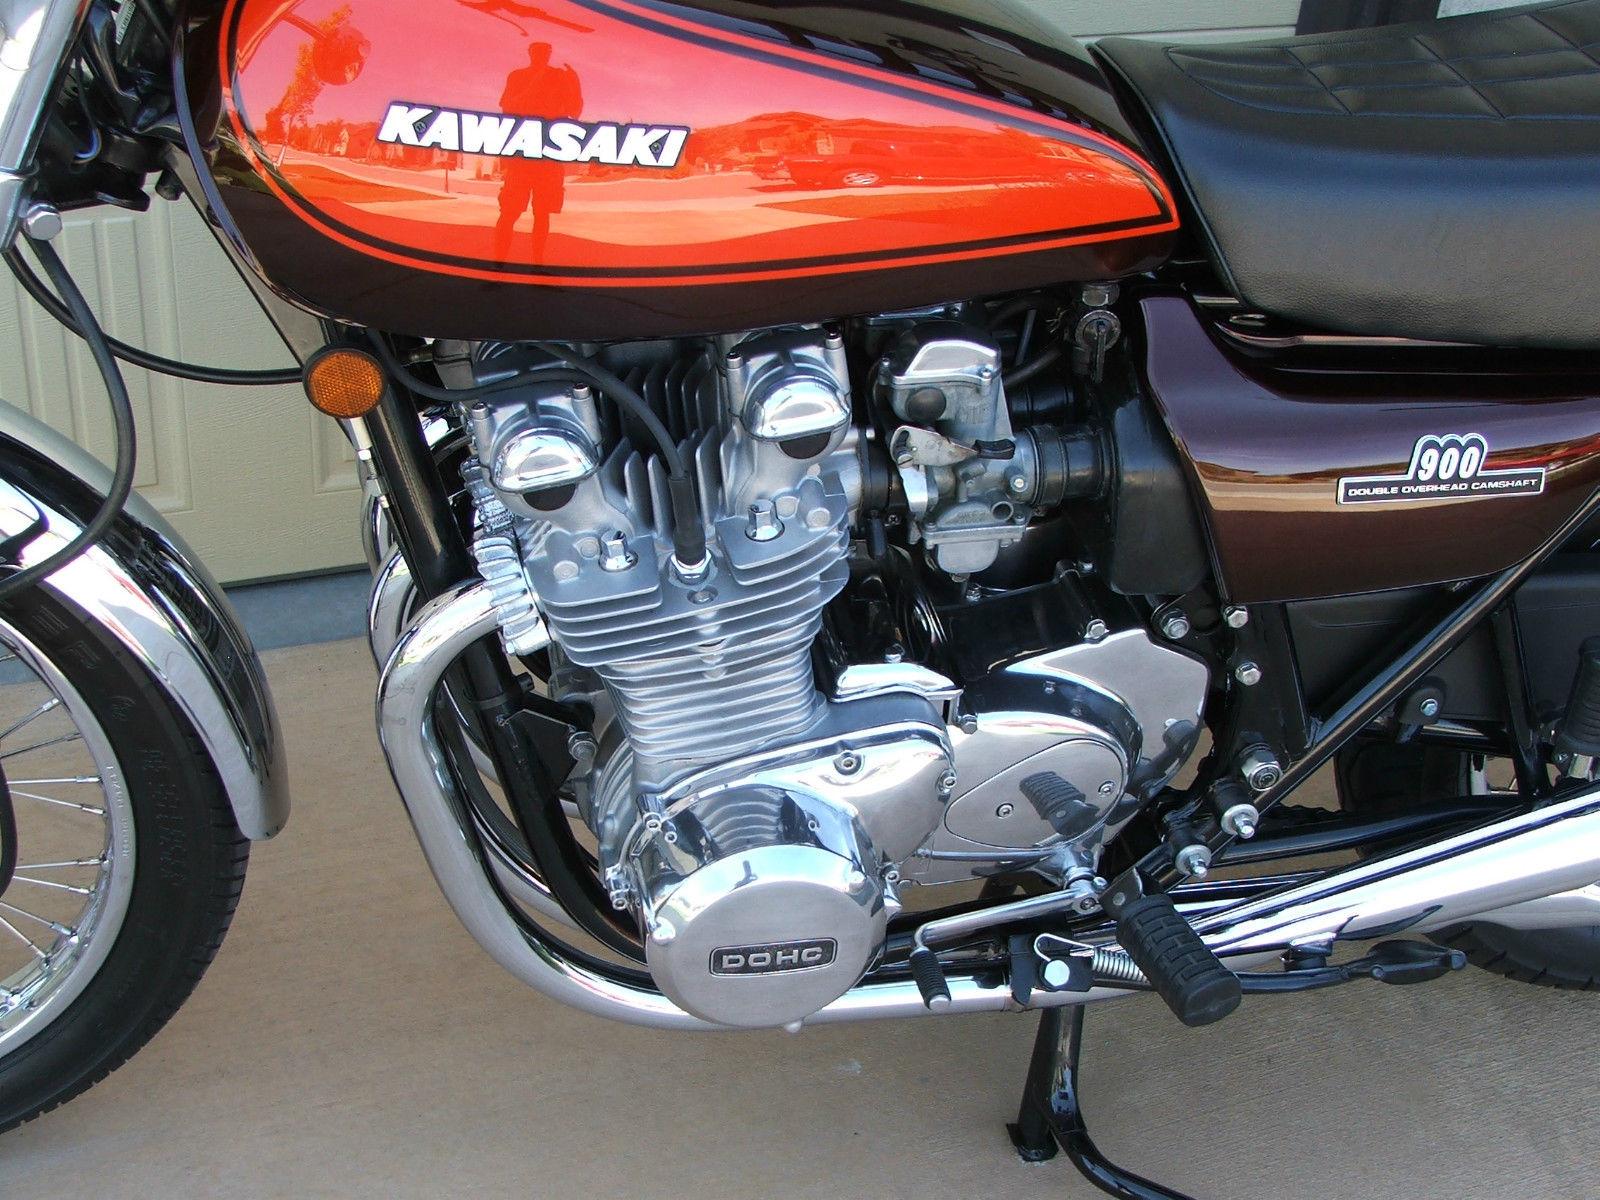 Kawasaki KZ900 - 1976 .